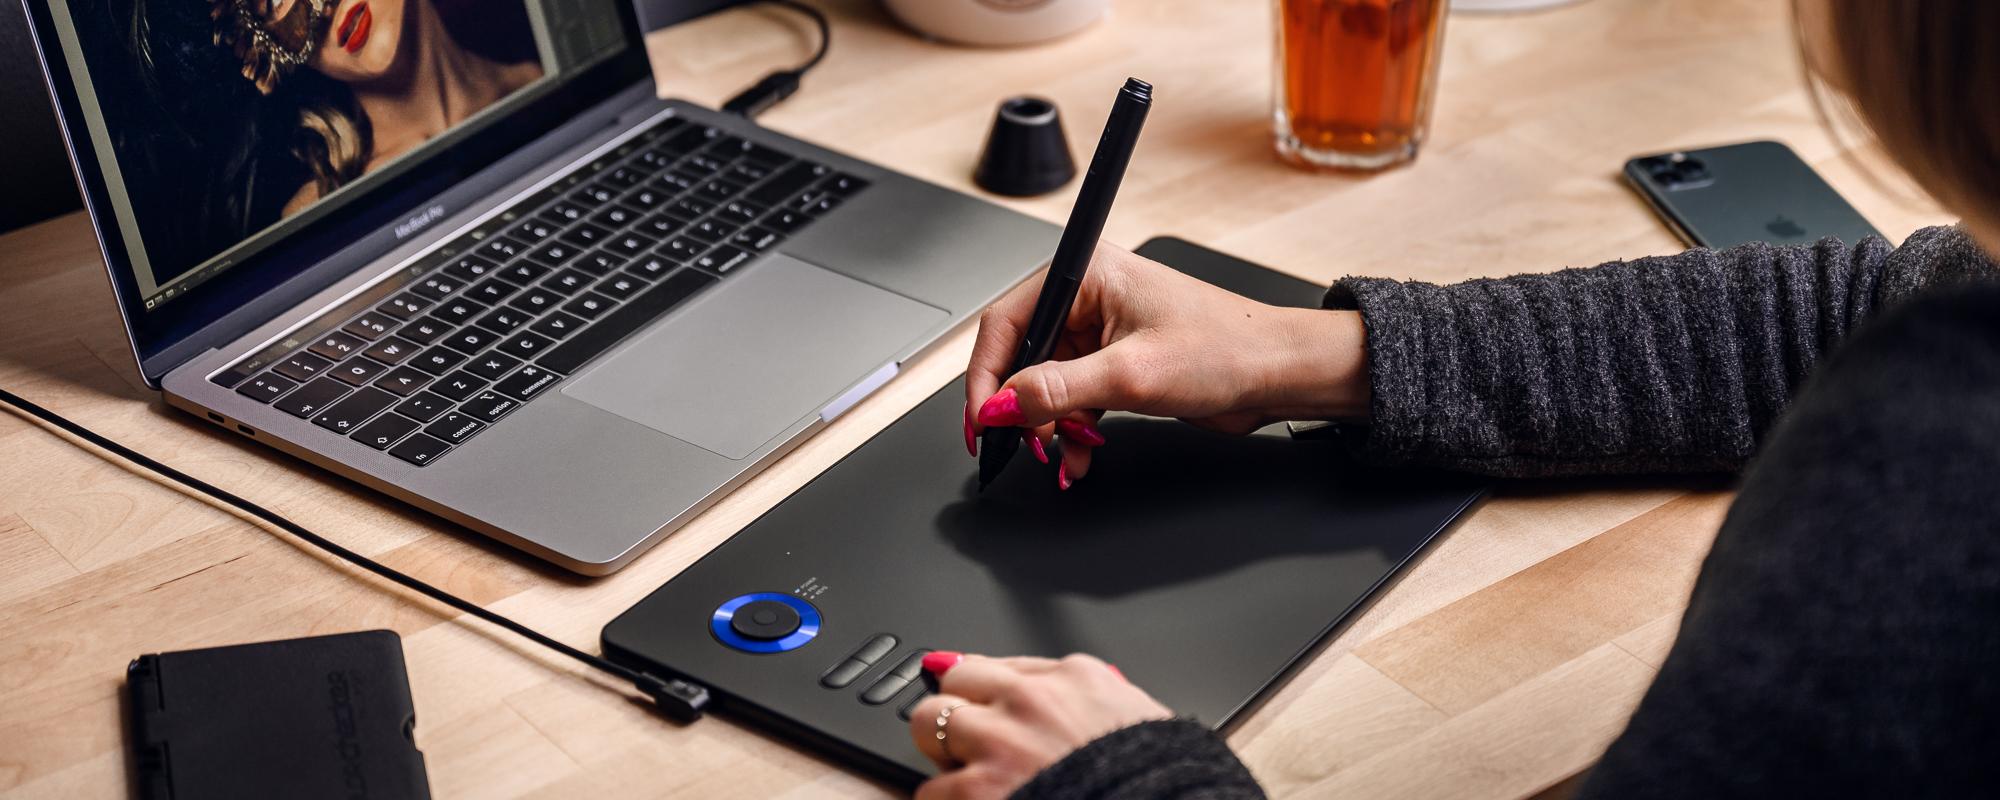 Zdjęcie - tablet graficzny Veikk A15 Pro obsługiwany przez kobietę patrzącą się na monitor podczas pracy